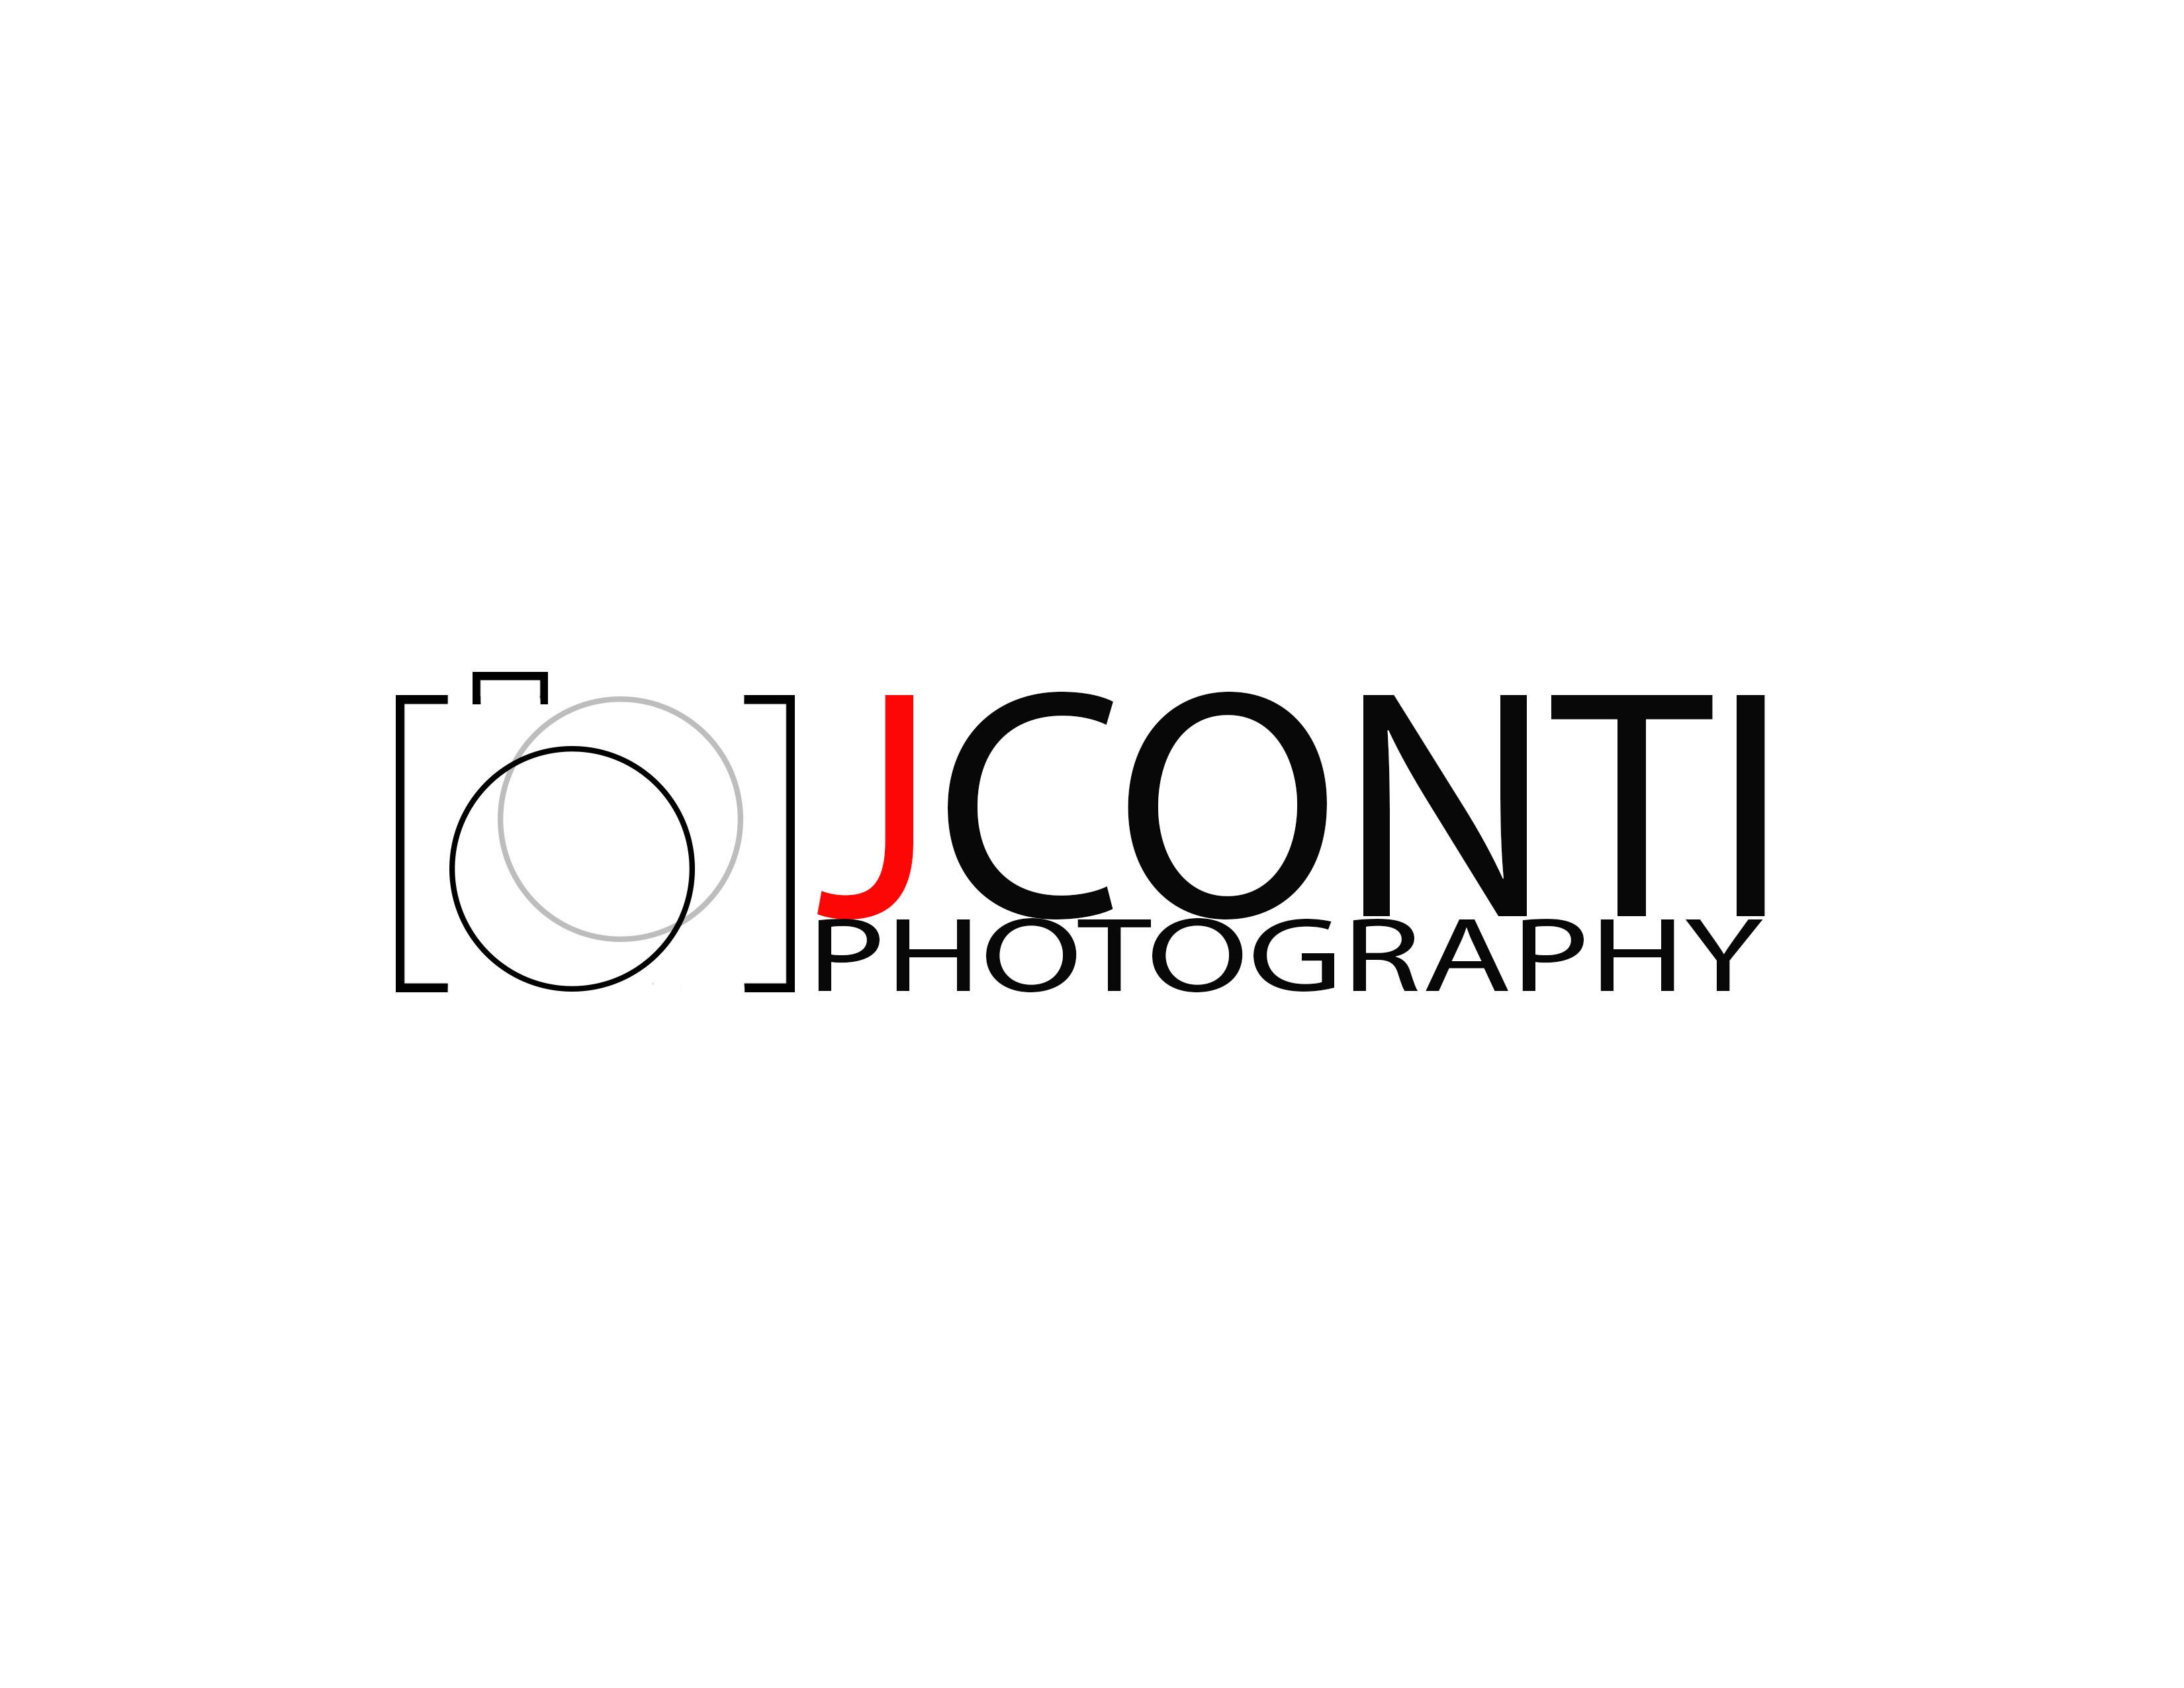 Joe Conti Watermark